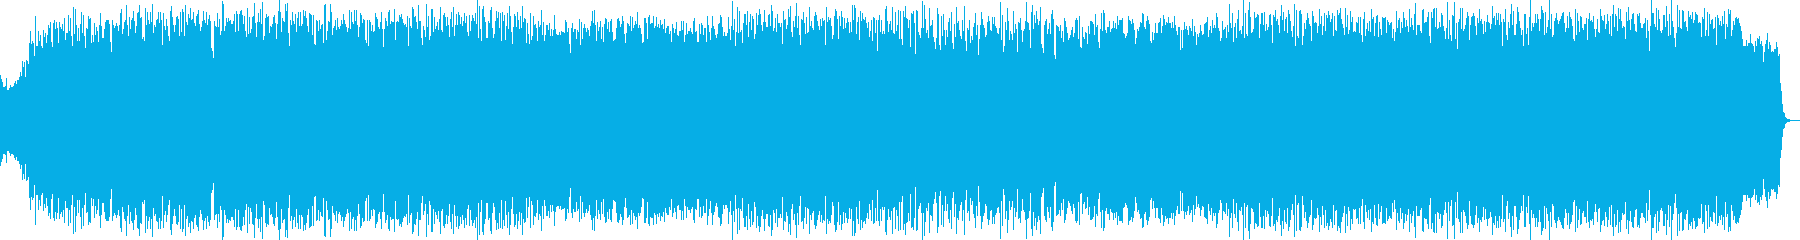 幻想的な自然のインスピレーション竹笛音楽の再生済みの波形